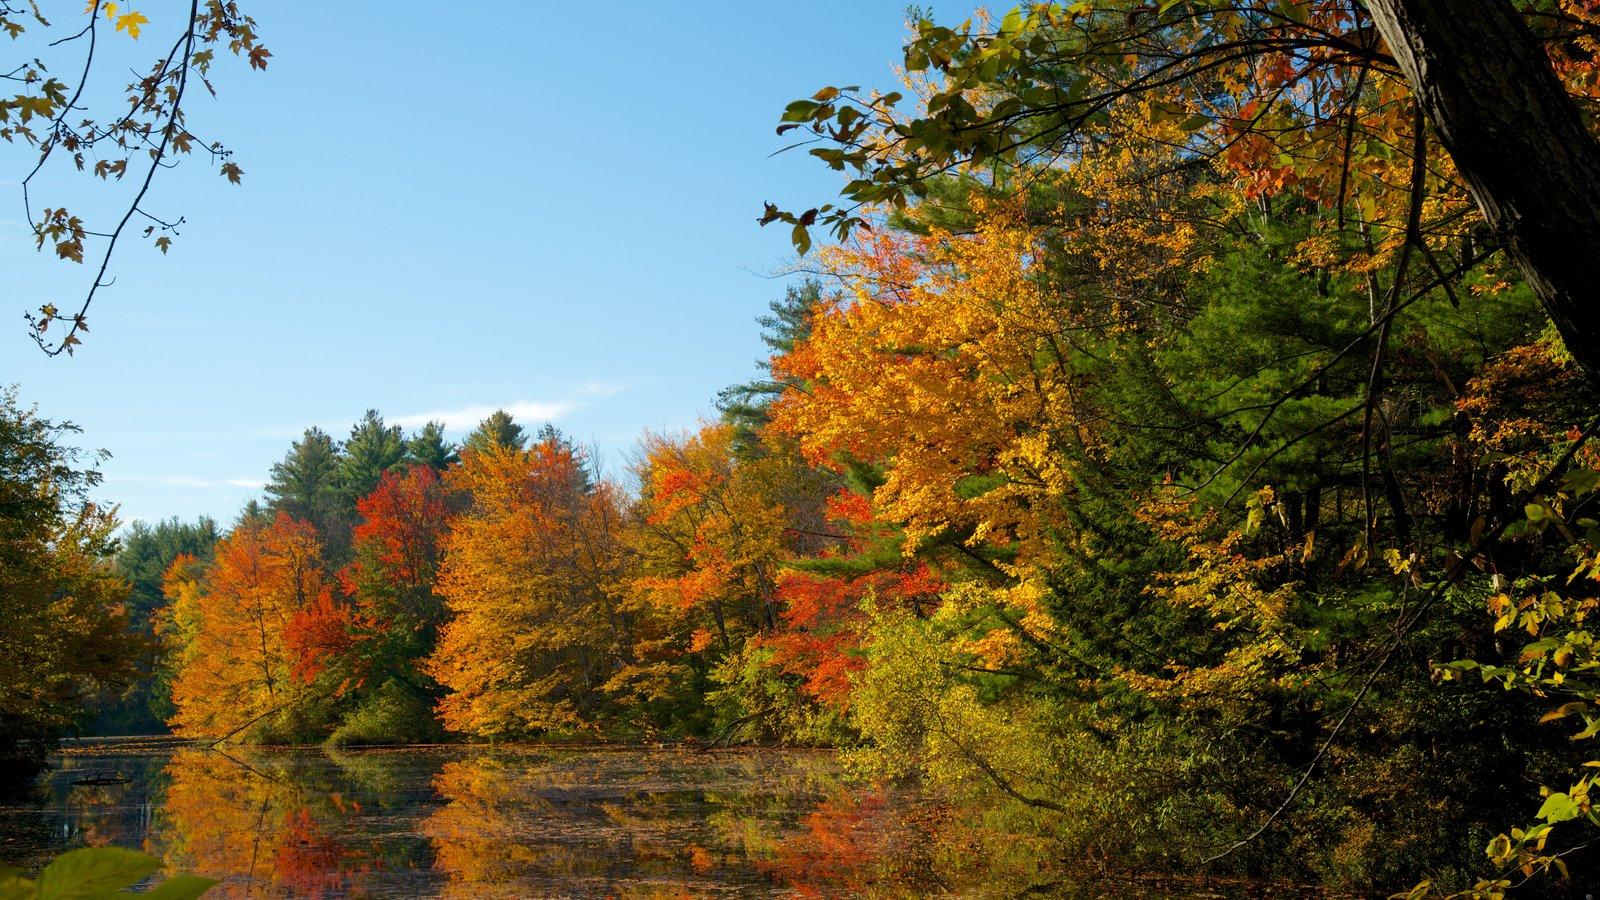 Conway mostrando un río o arroyo, los colores del otoño y un jardín